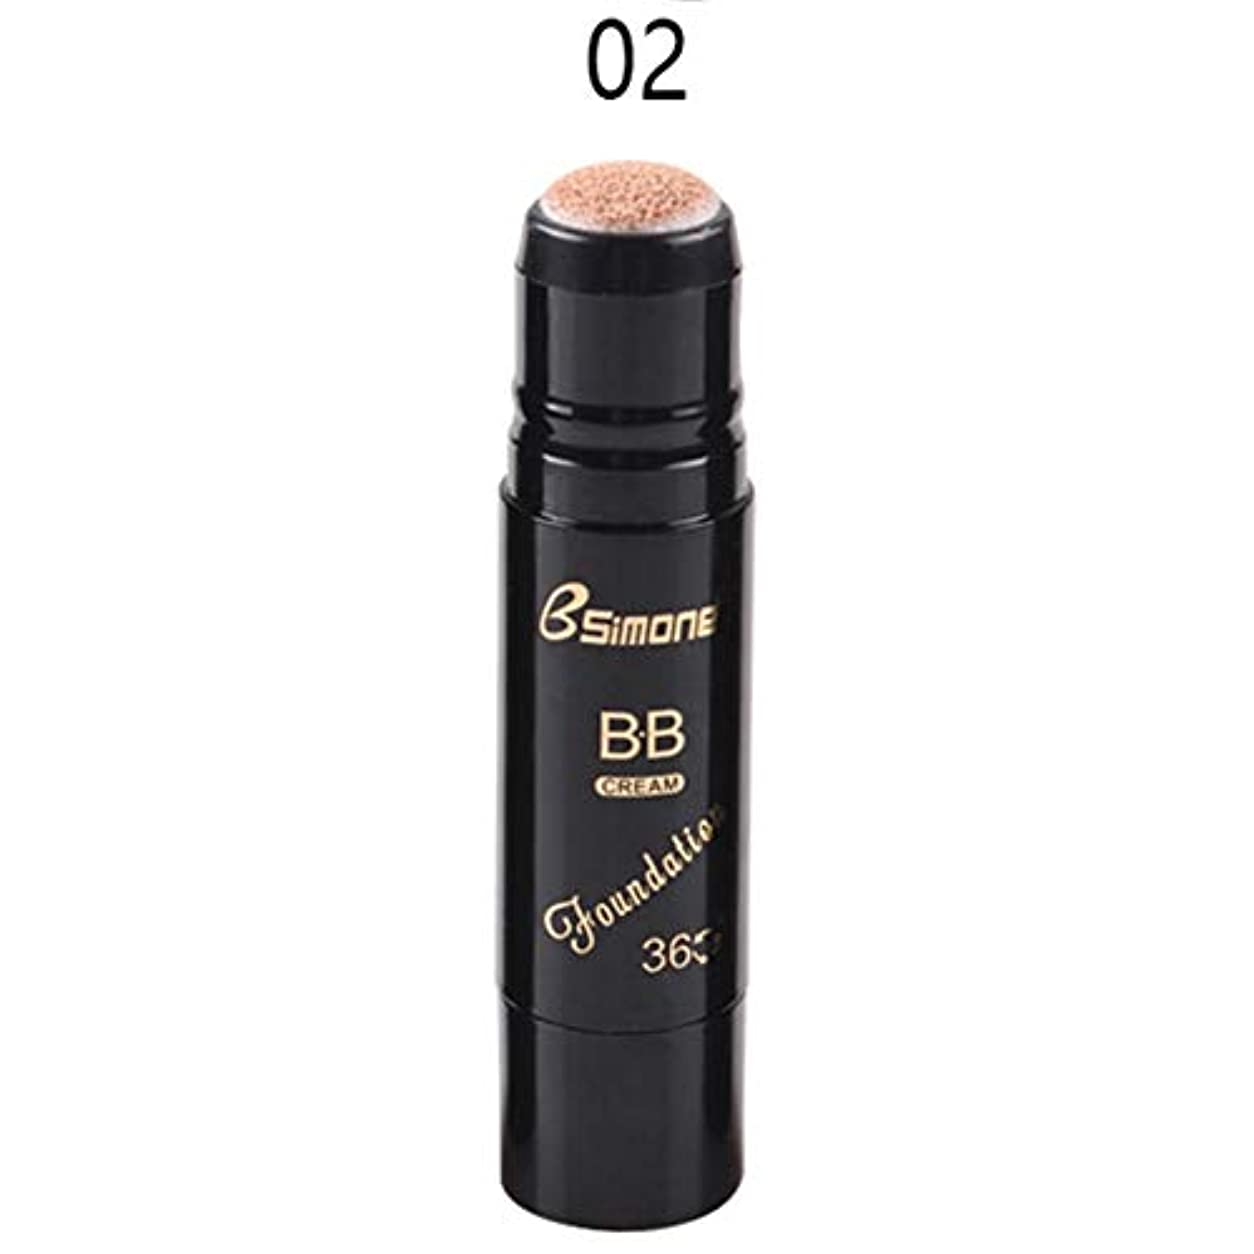 会計細断言語Cutelove BBクリーム コンシーラー ファンデーションクリーム 保湿 肌の色を明るくする 化粧プライマー コンシーラースティック フェイスケア 化粧品 美容